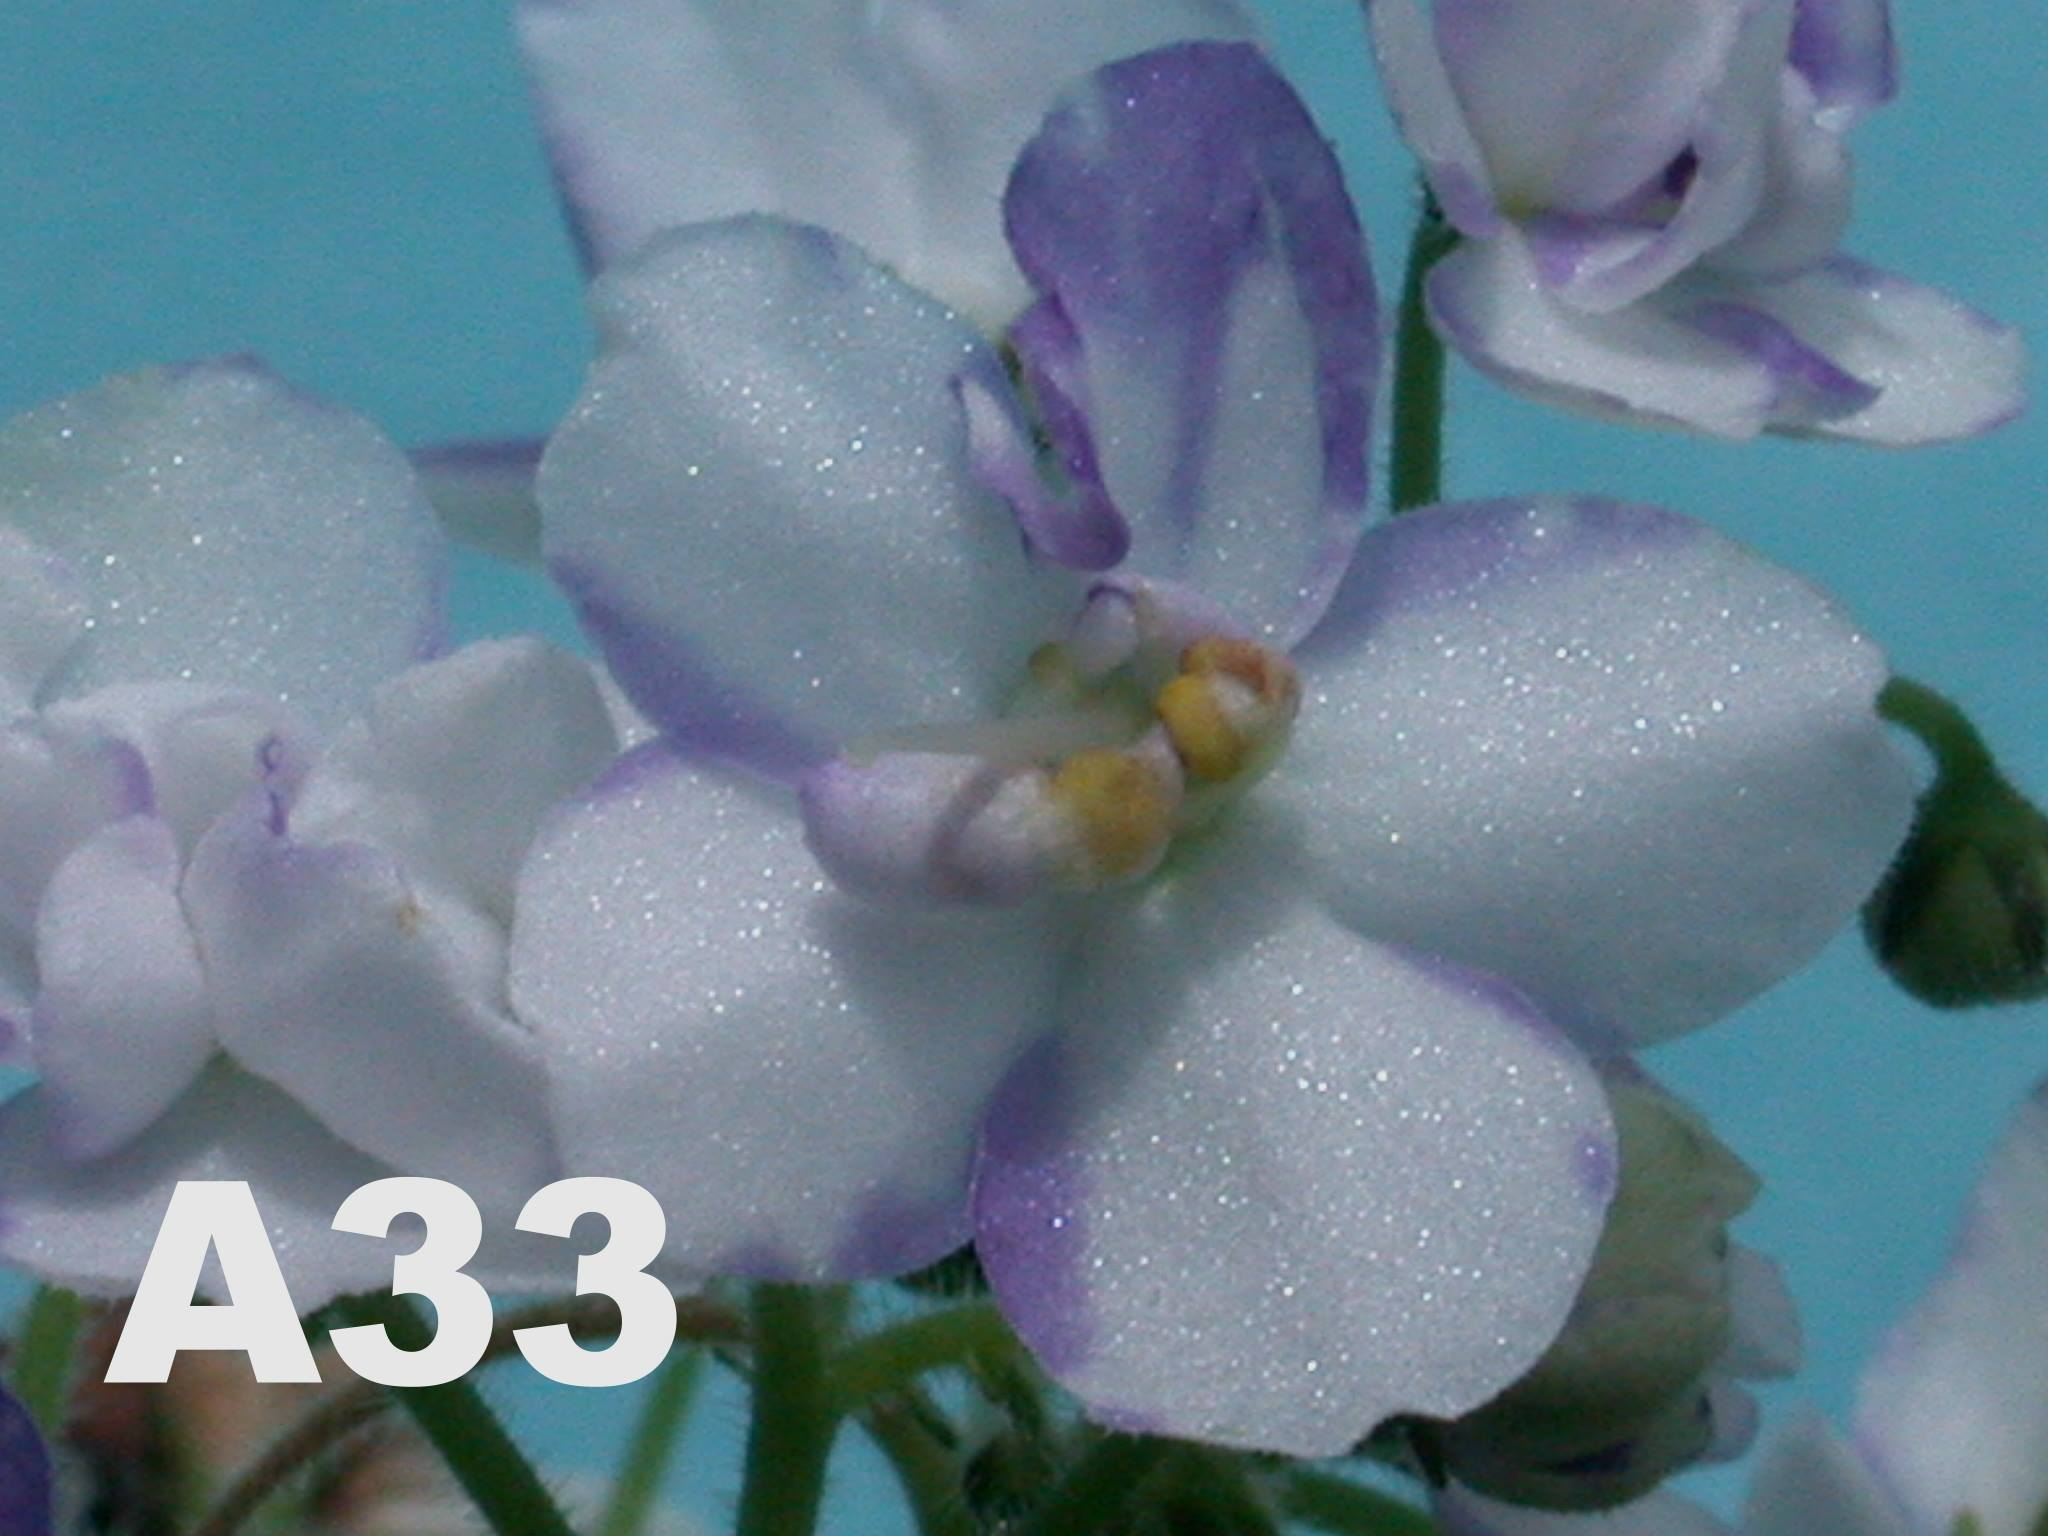 非洲紫羅蘭名錄 | African Violets Catalogue - A系列 A33